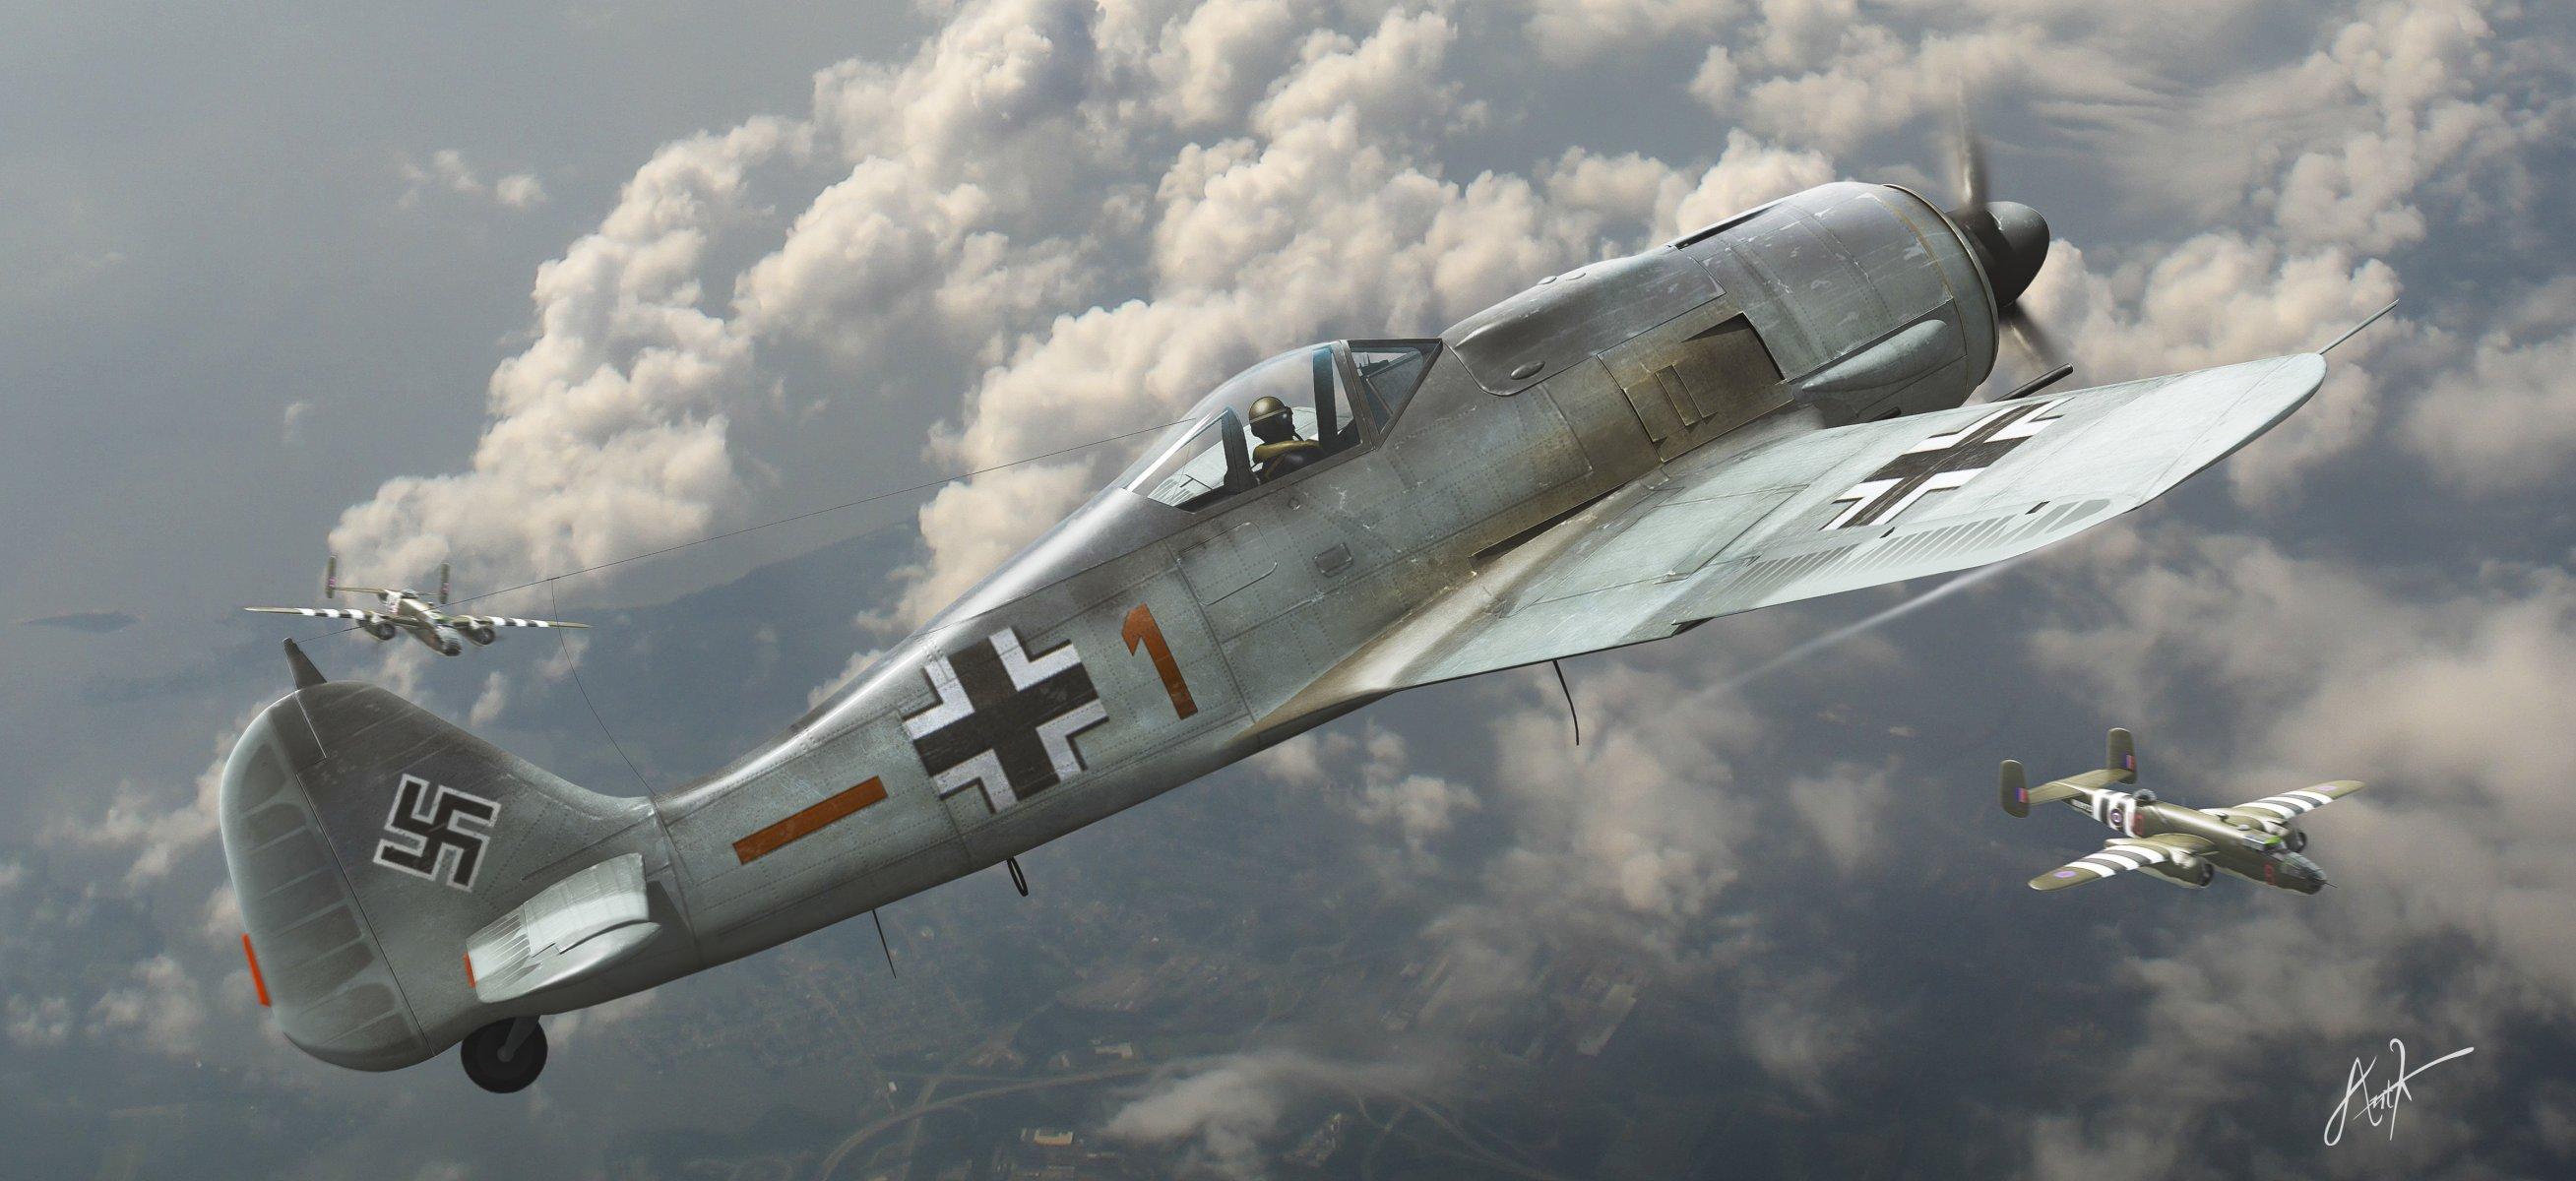 Обои войны, bf.109, мировой, Fw-190, истребители, второй. Авиация foto 7